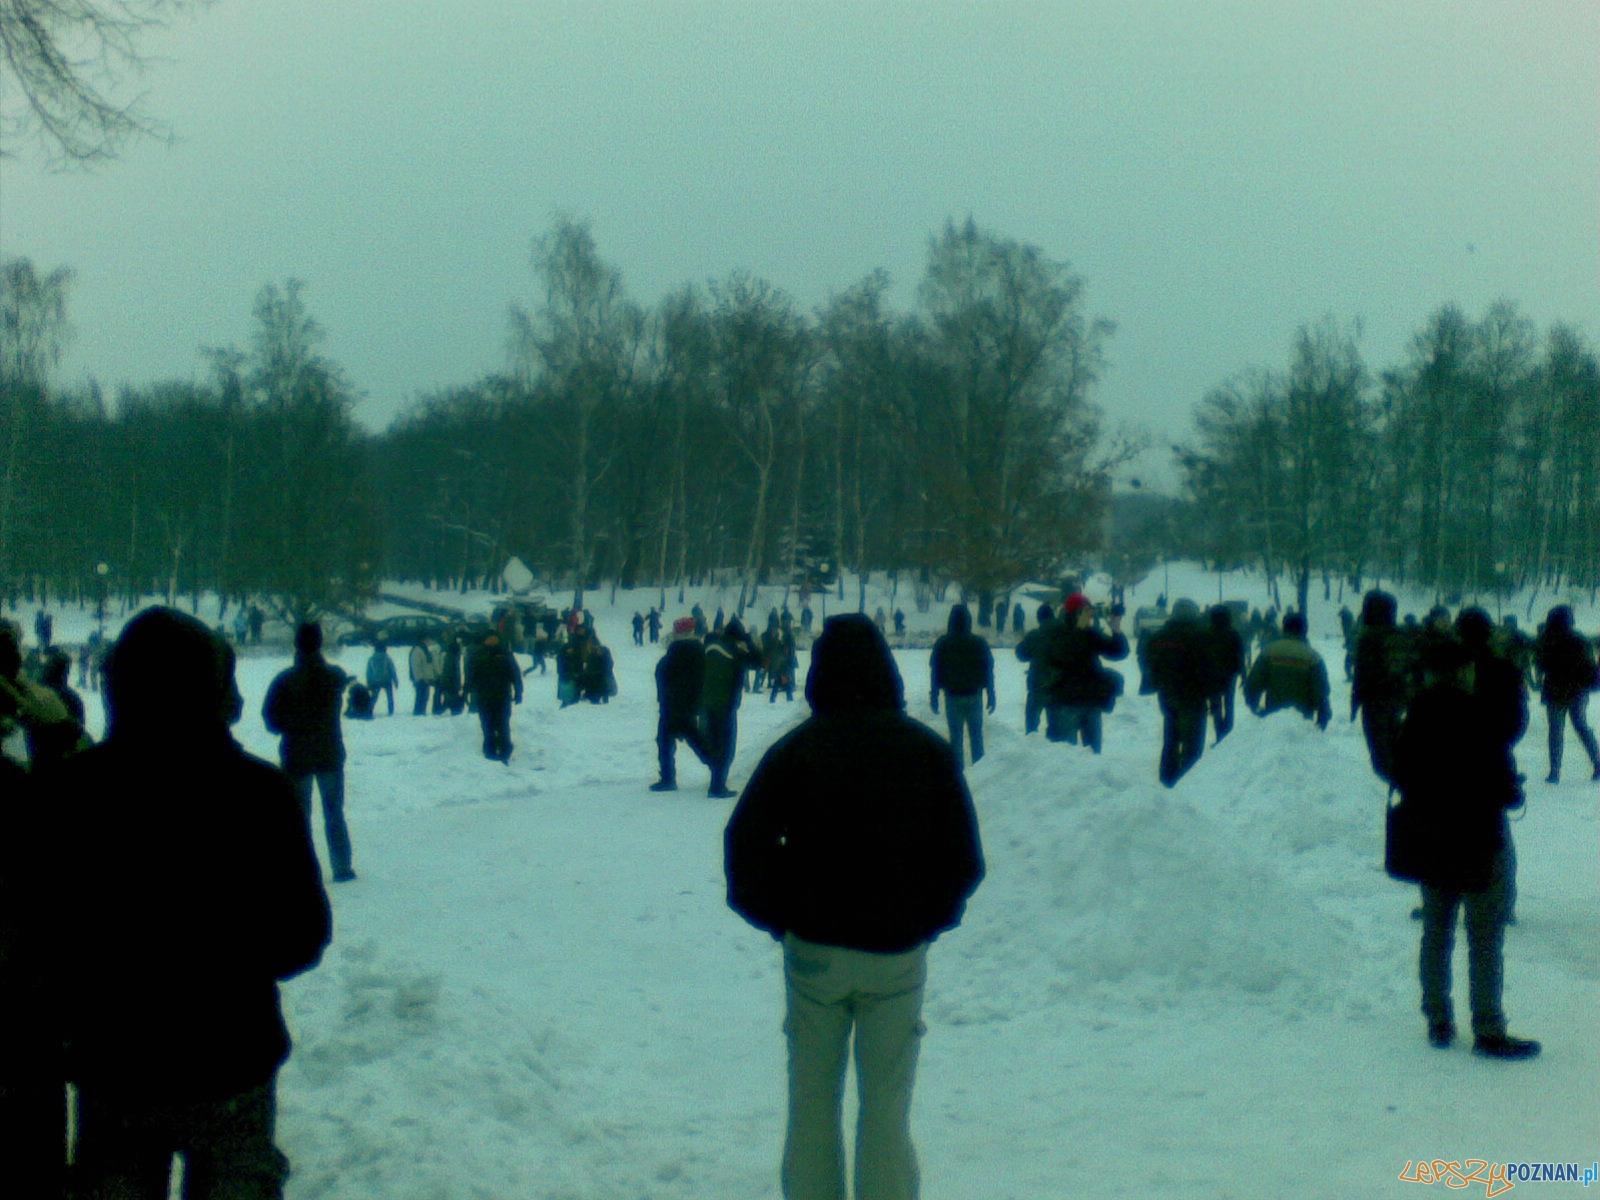 wielka bitwa na śnieżki  Foto: lepszyPOZNAN / gsm